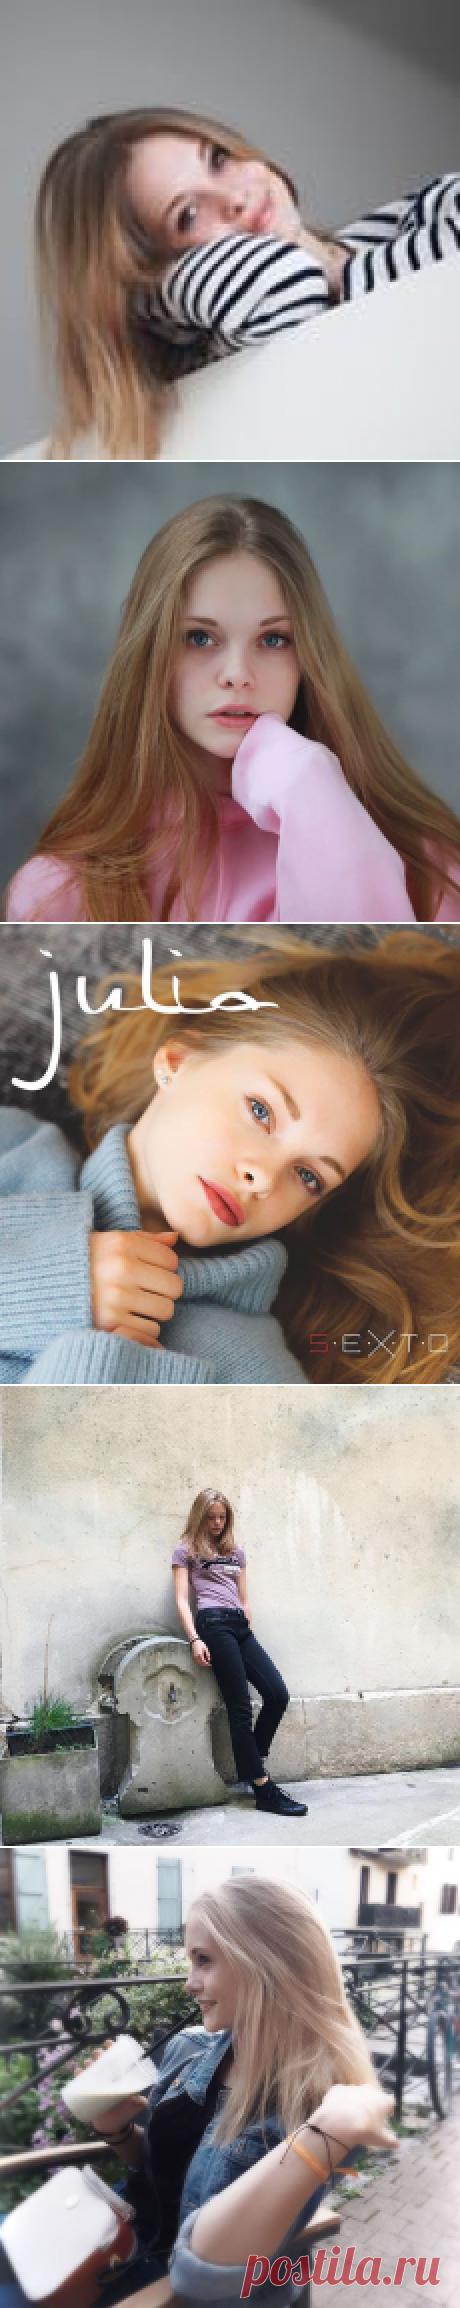 Julia (@julia) • Фото и видео в Instagram